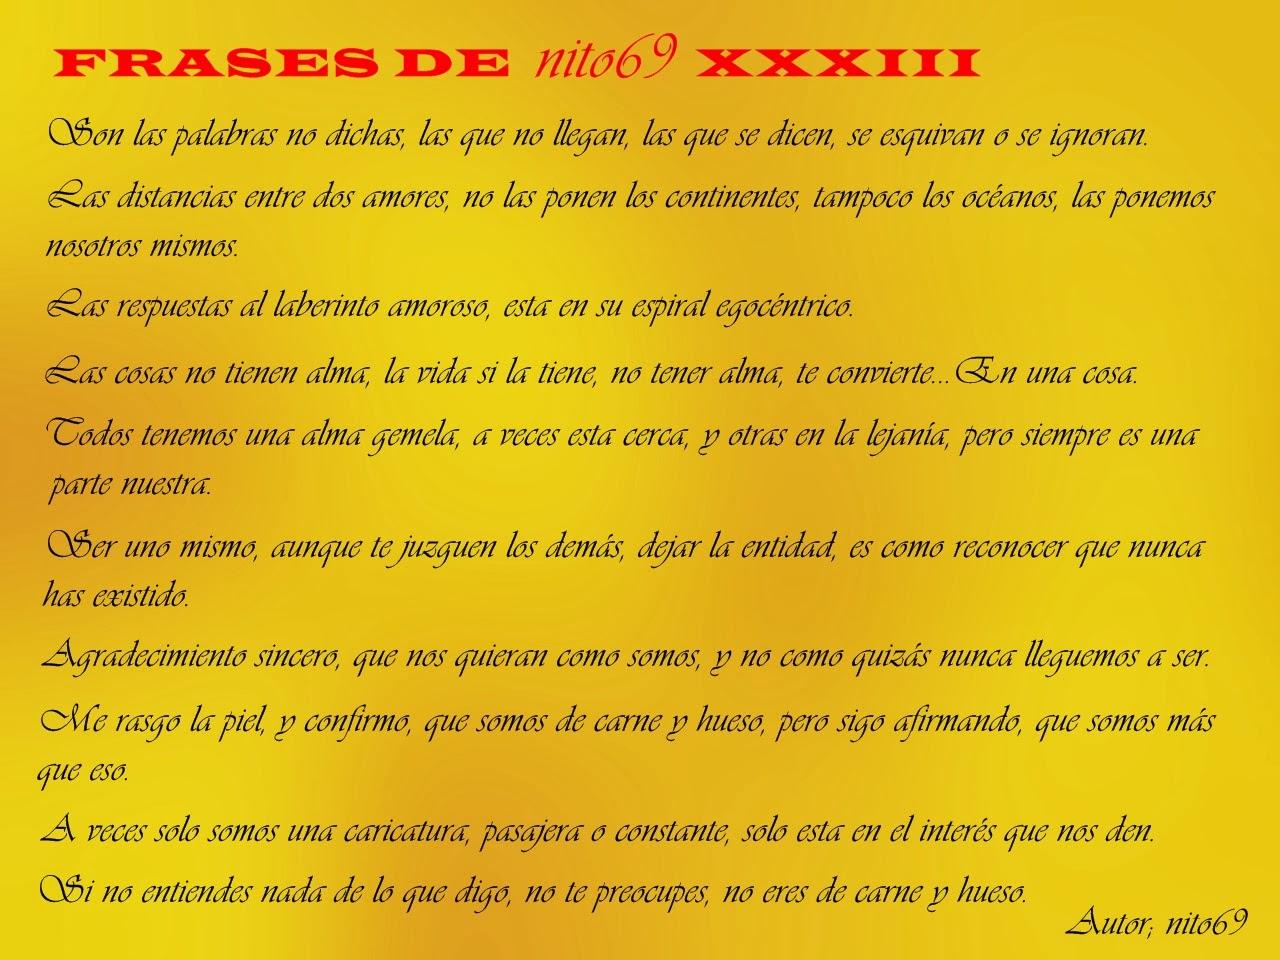 FRASES DE nito69 XXXIII